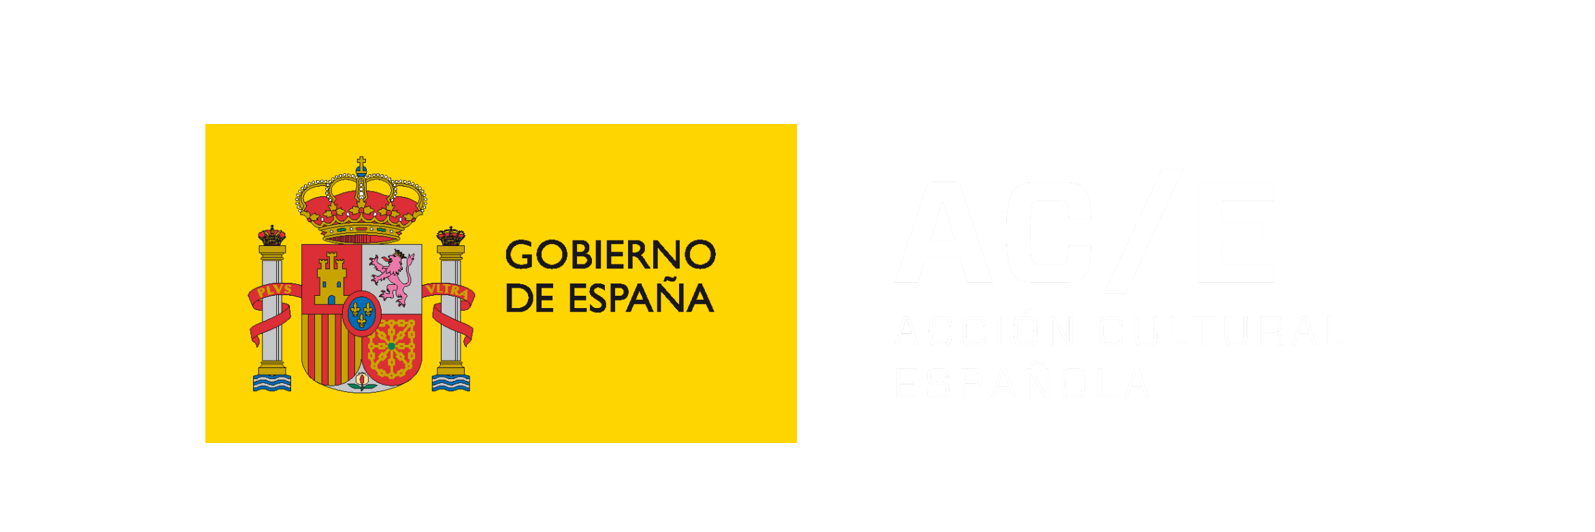 Accion Cultural Española